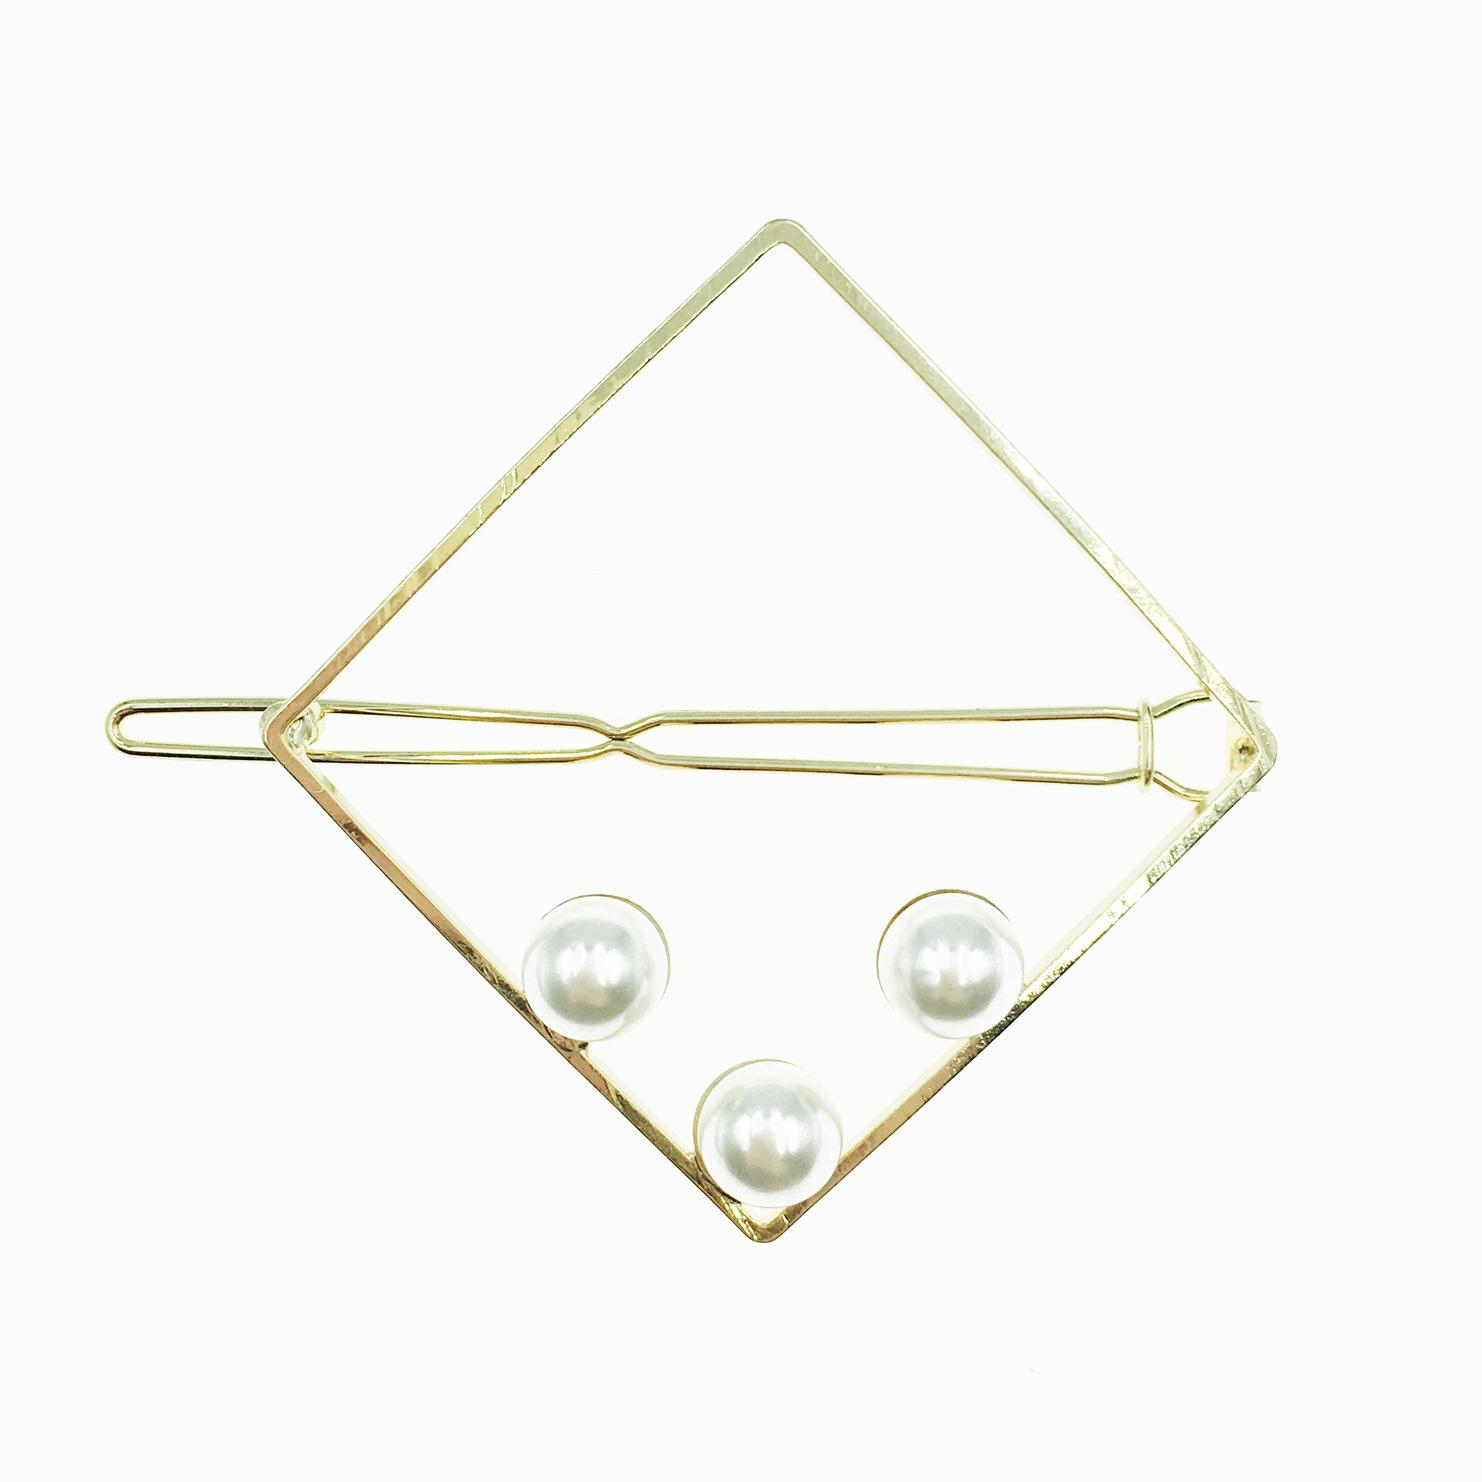 韓國 簍空金菱形 珍珠 髮飾 髮夾